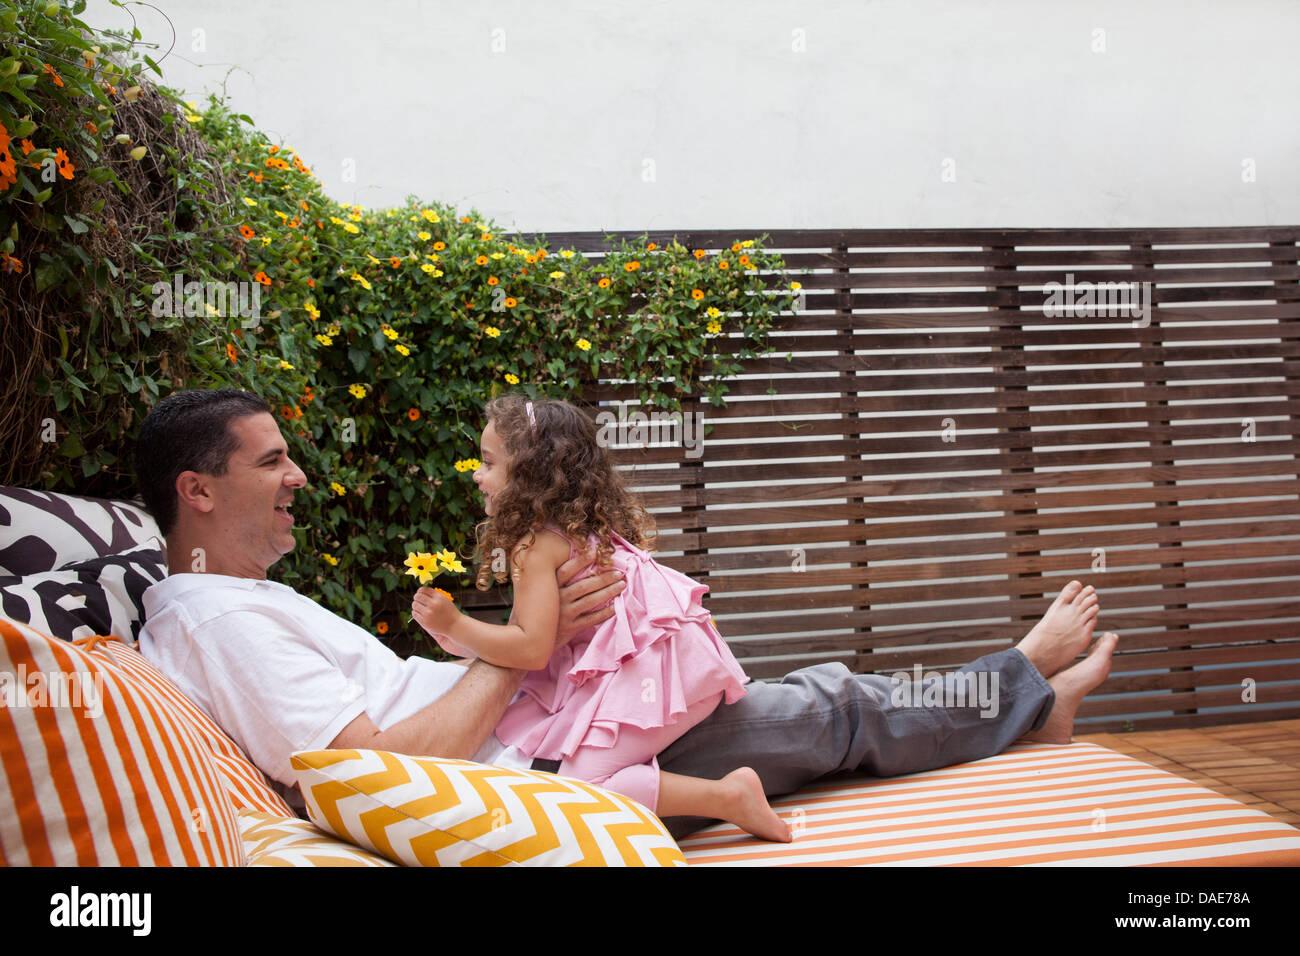 Padre e figlia di relax all'aperto, ragazza con fiori Immagini Stock